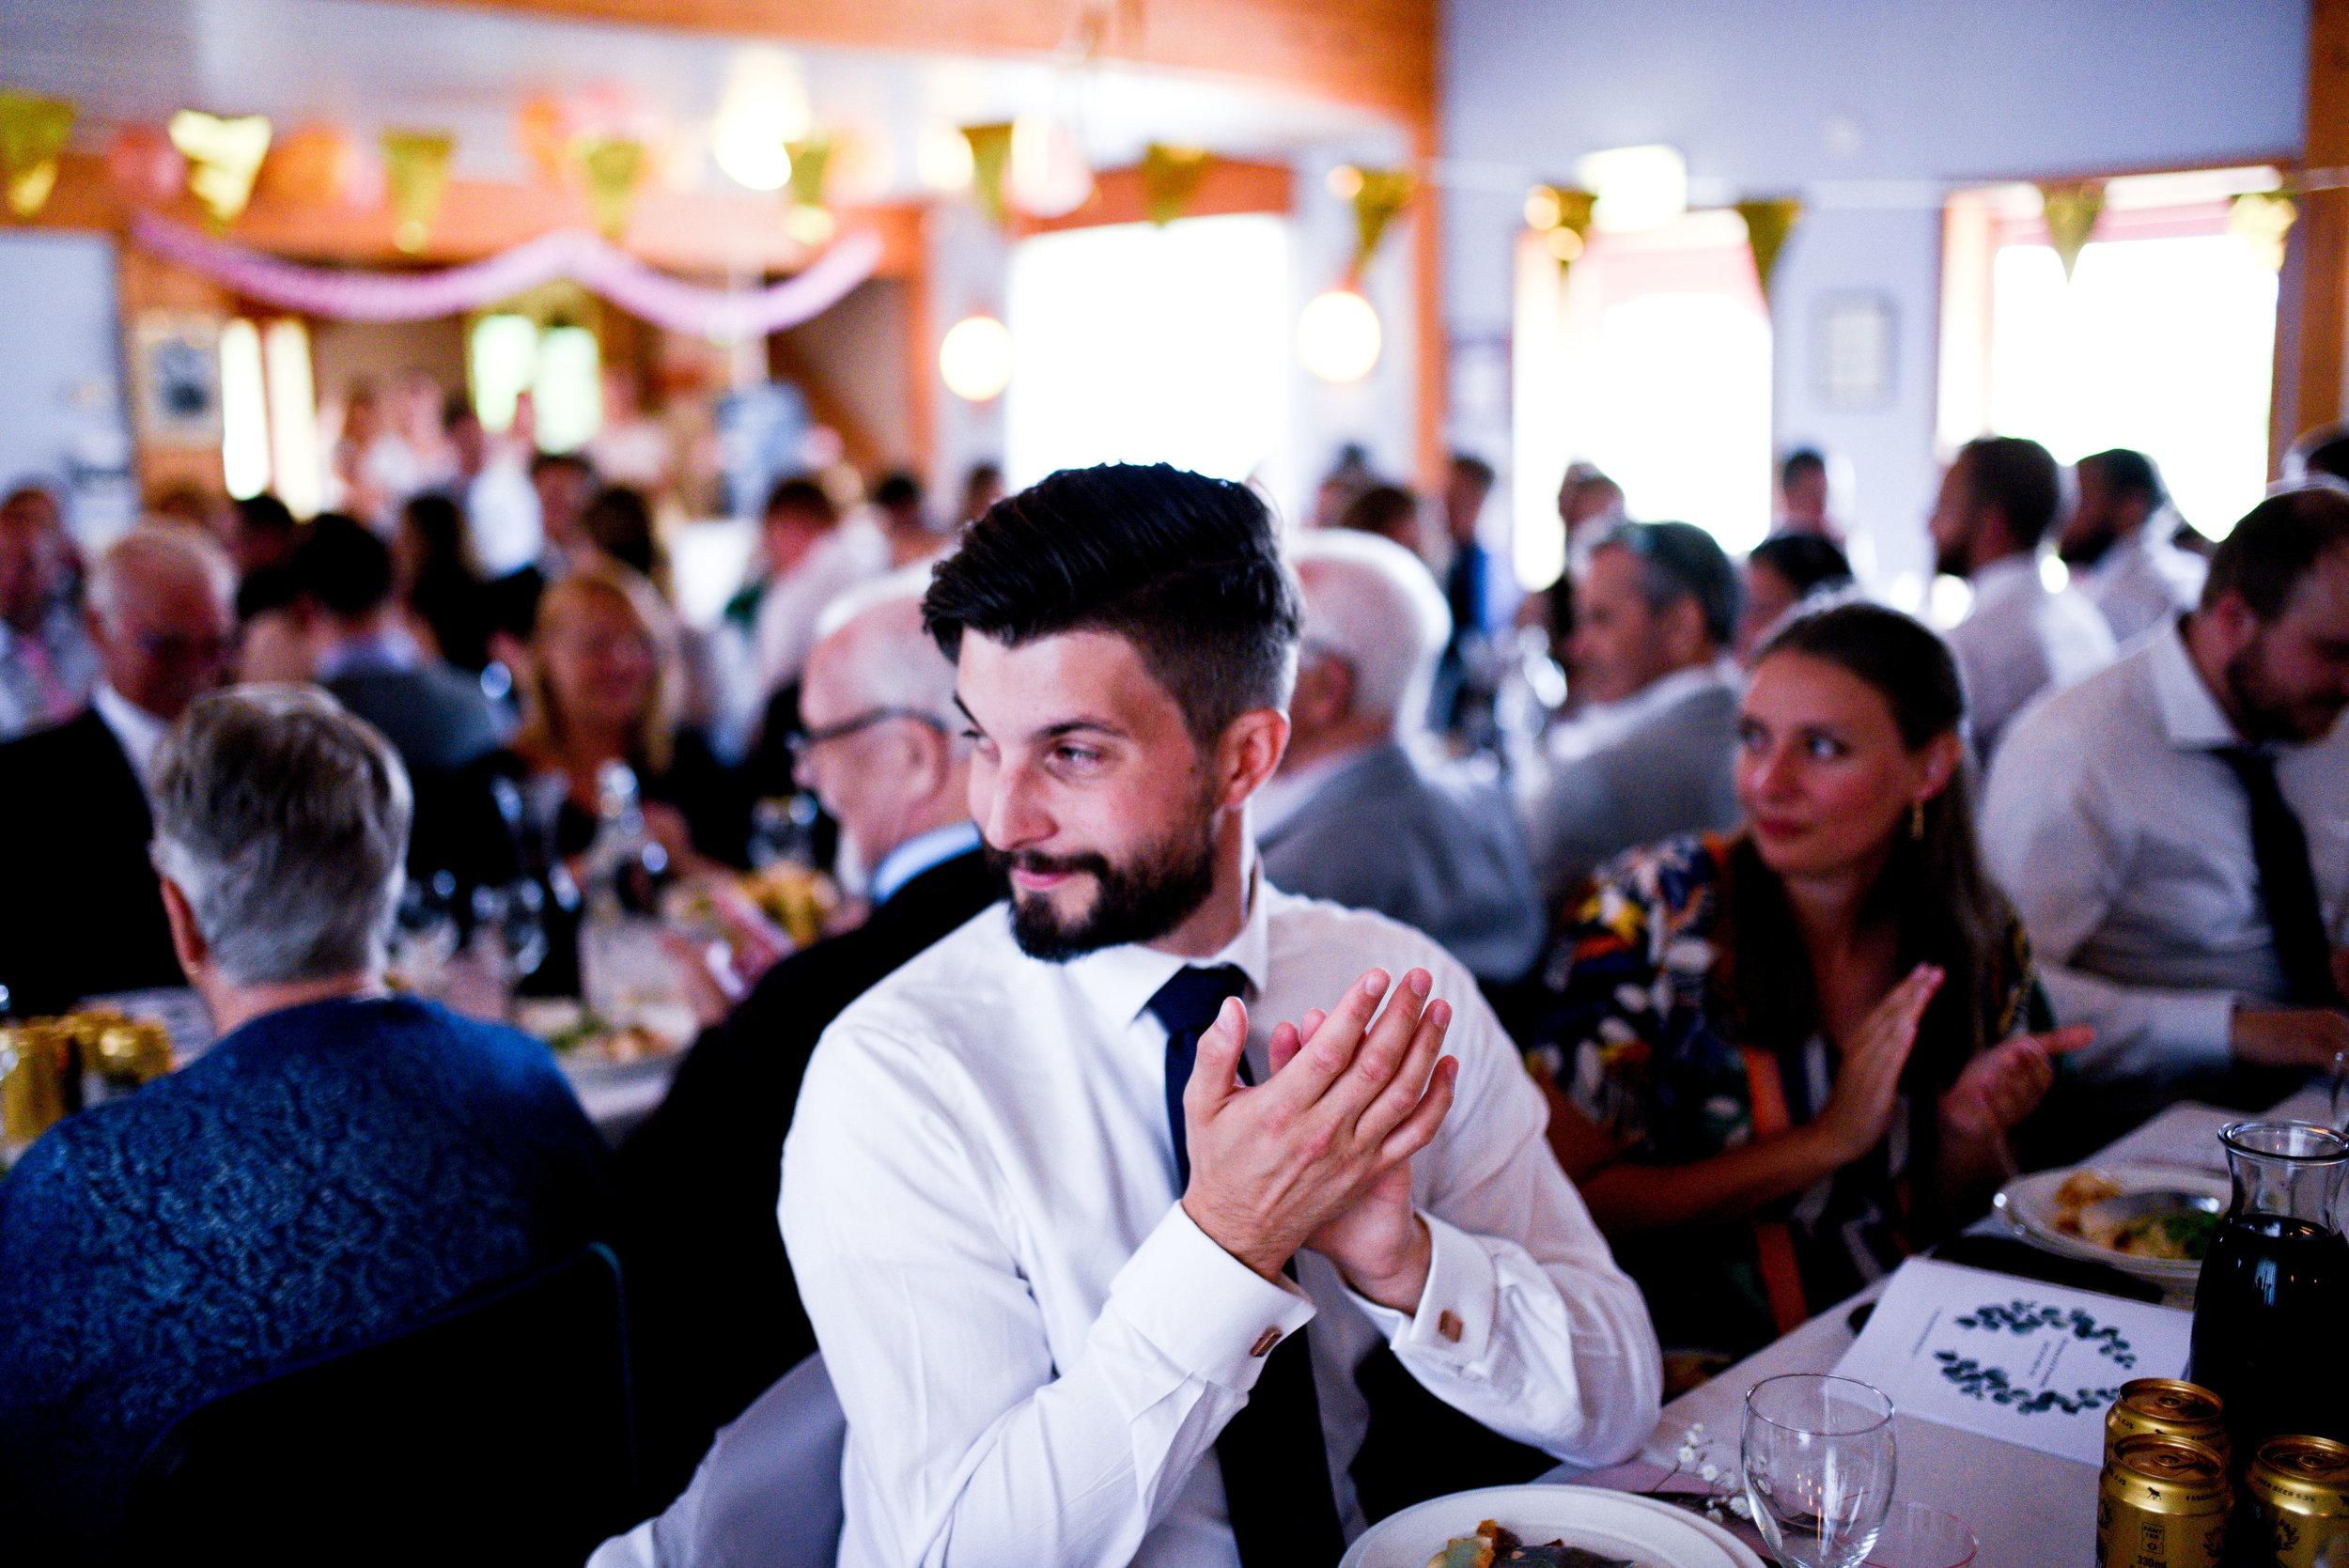 Bröllop2019lågkvall2-6006.jpg